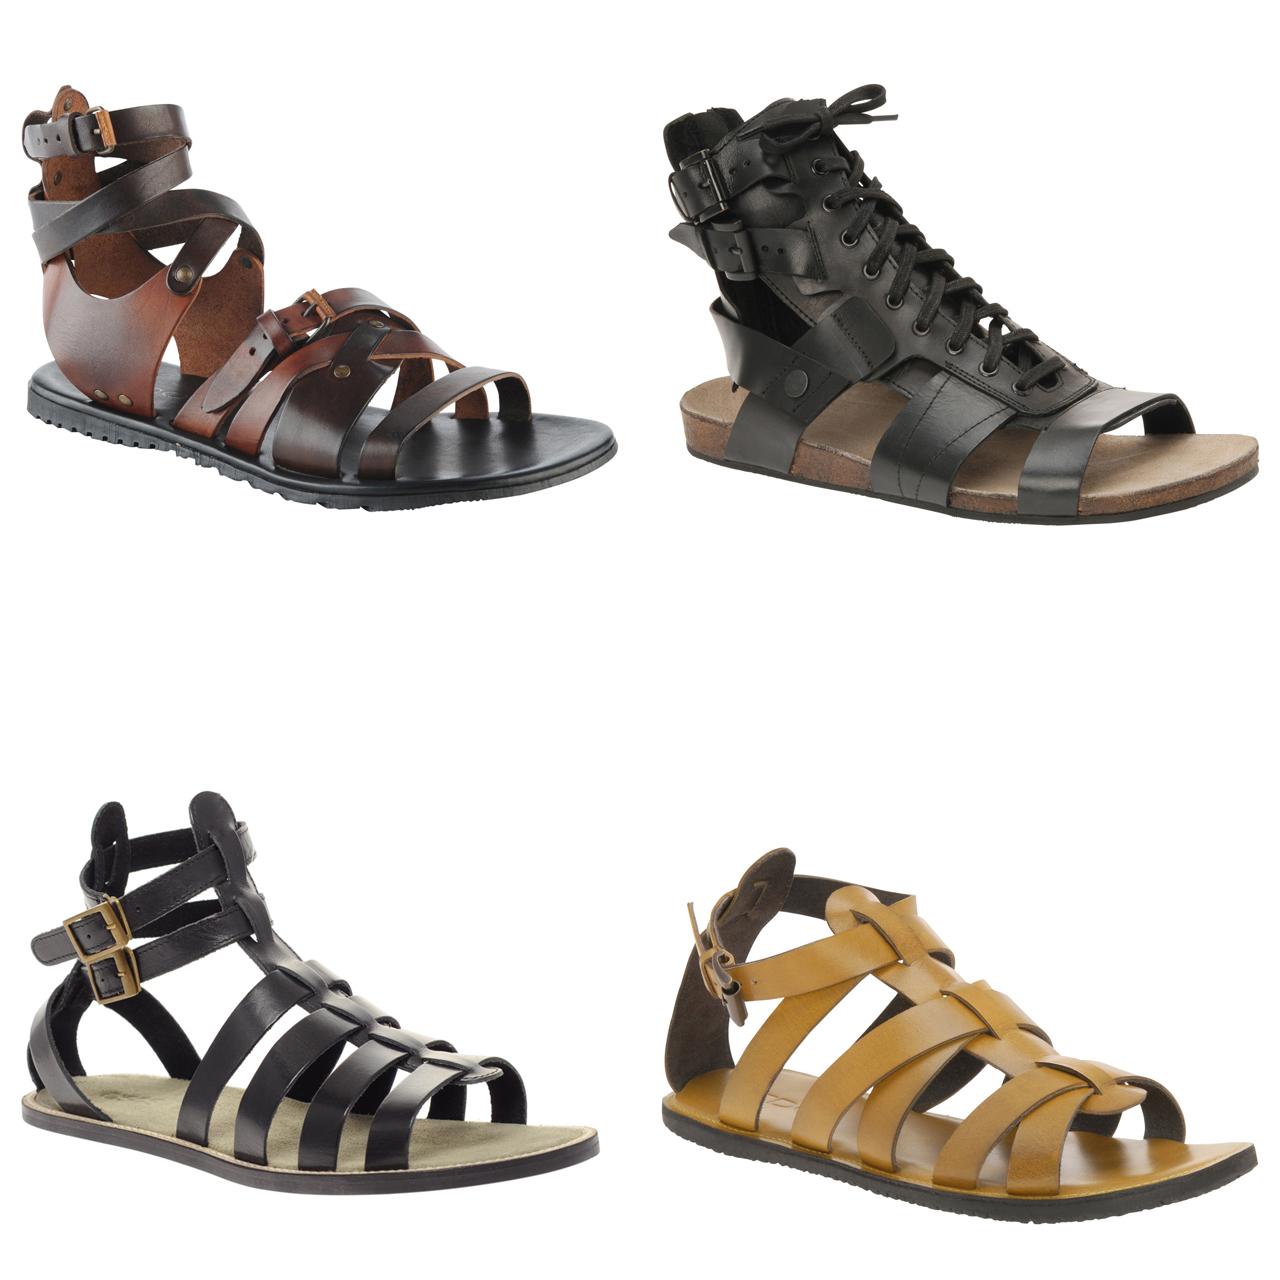 Ladies Italian Sandals Shoes